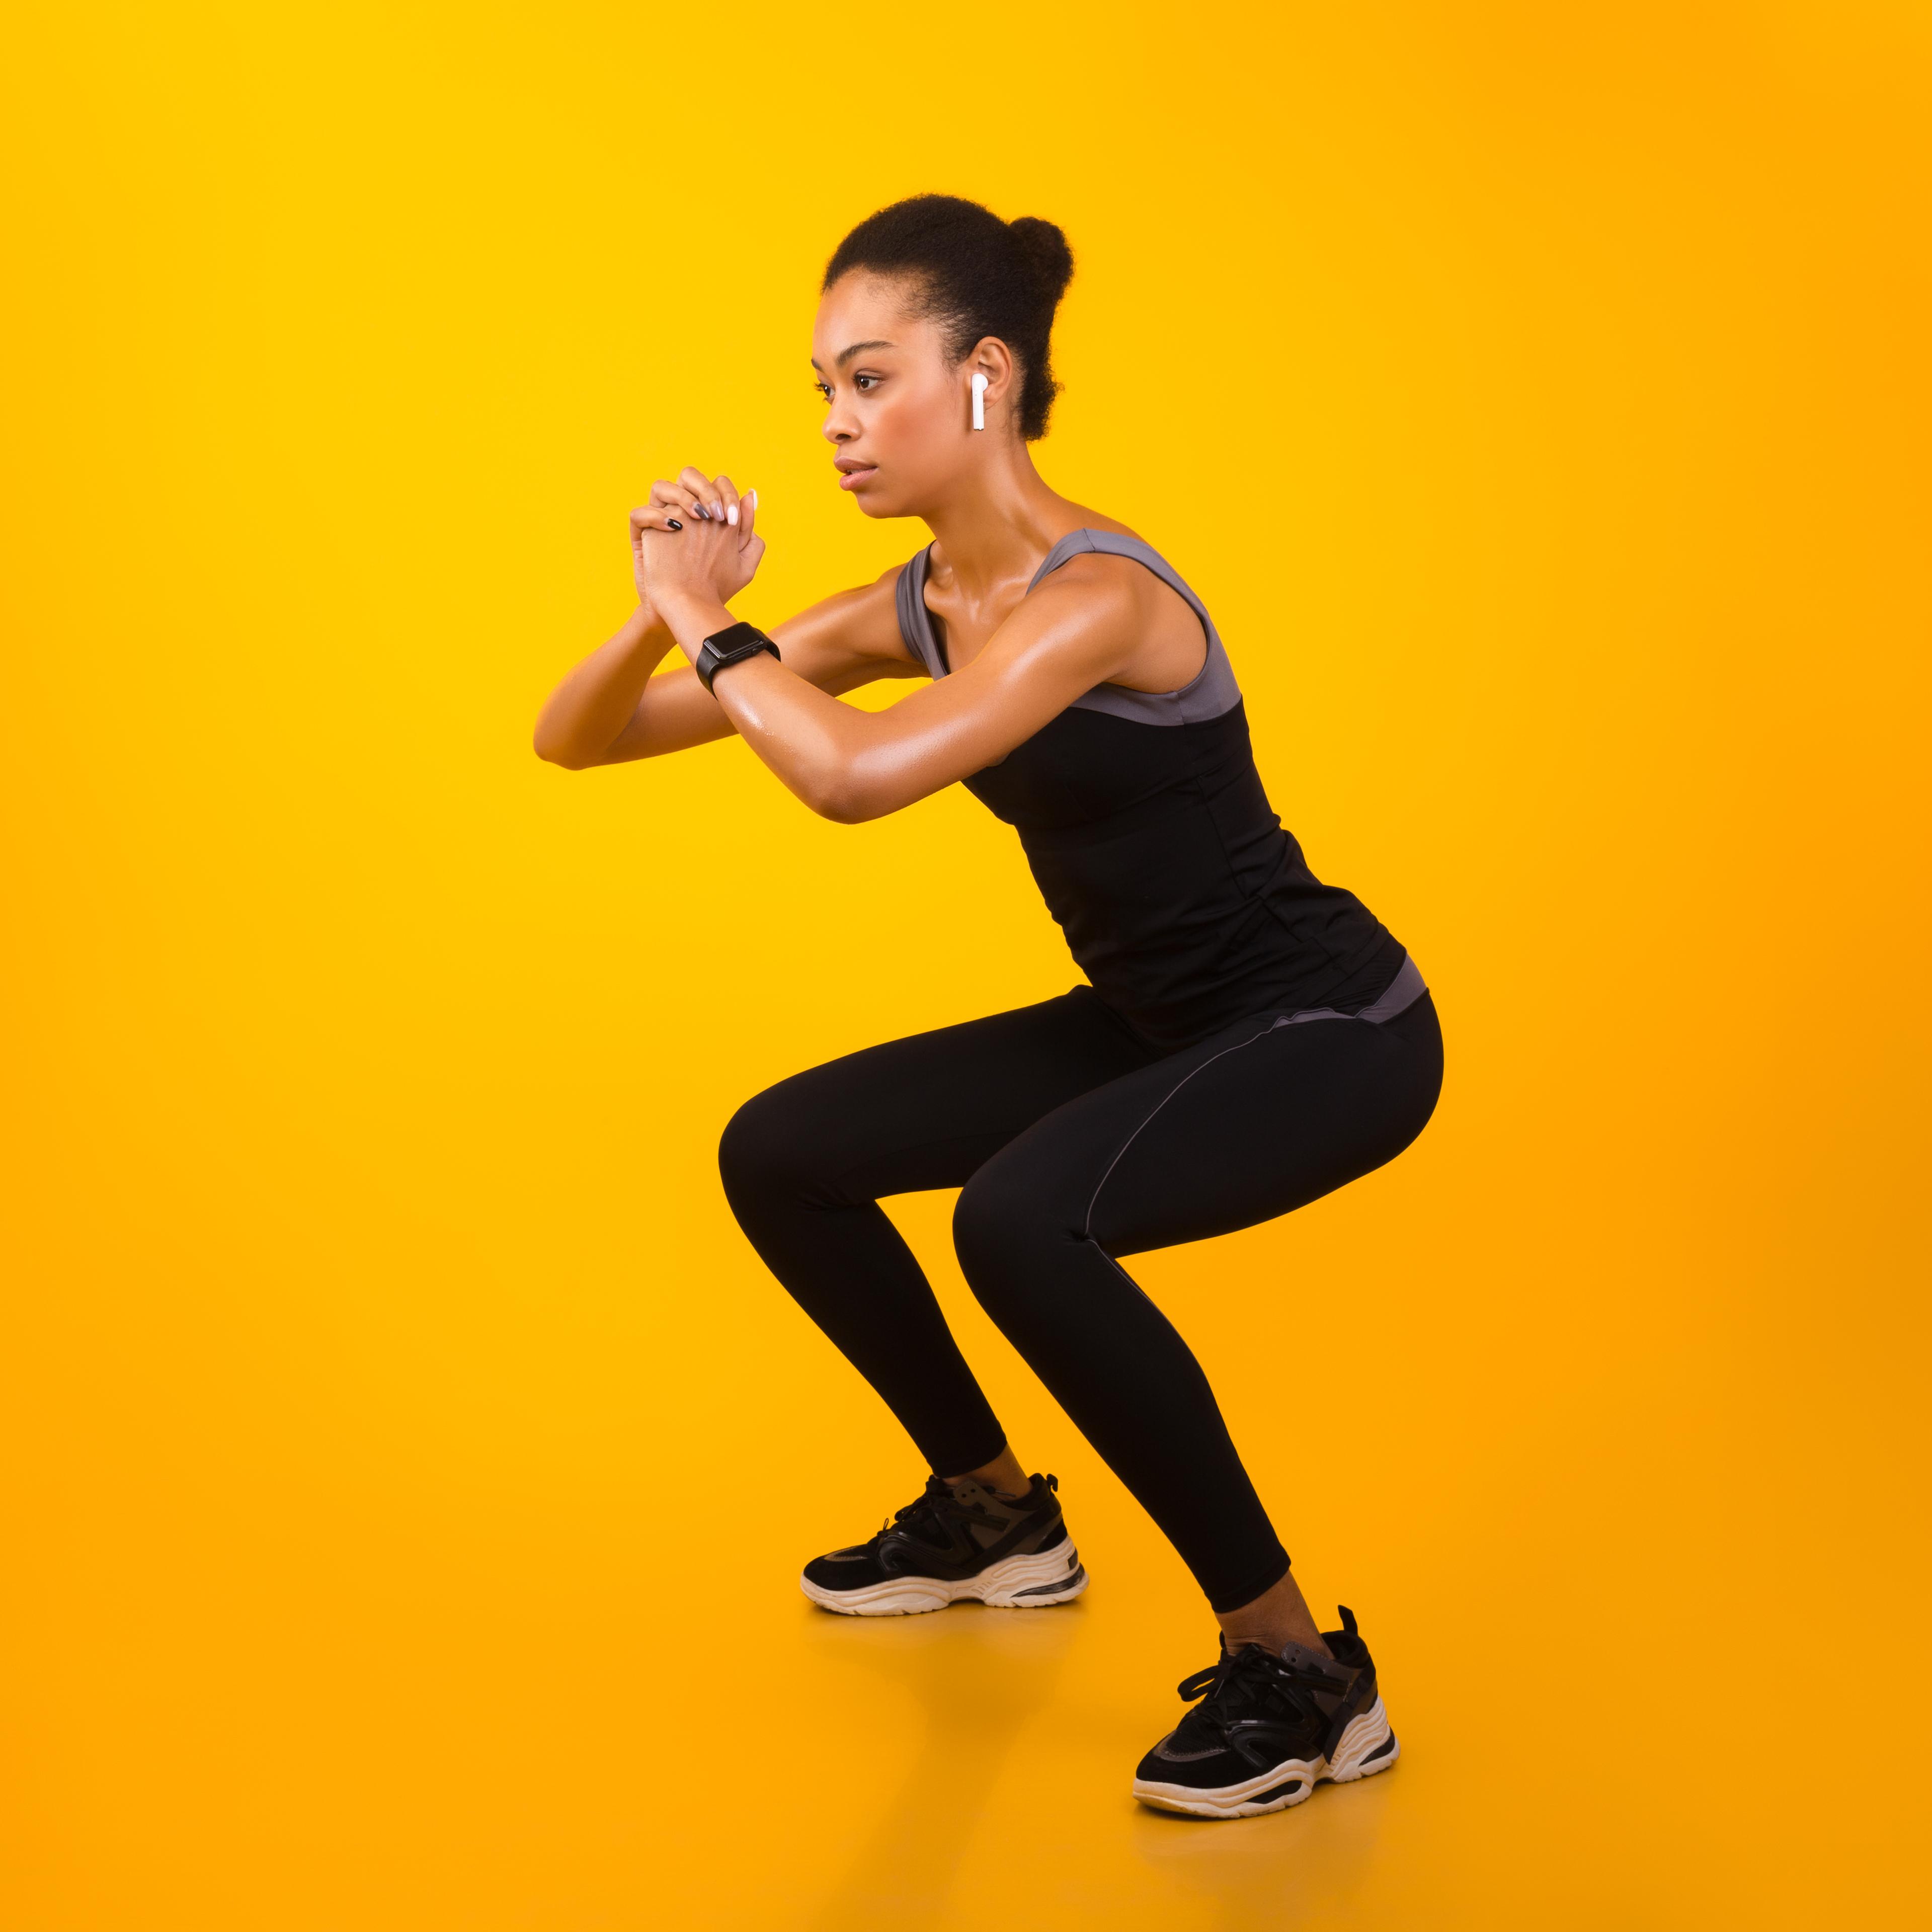 تمارين رياضية لزيادة الوزن